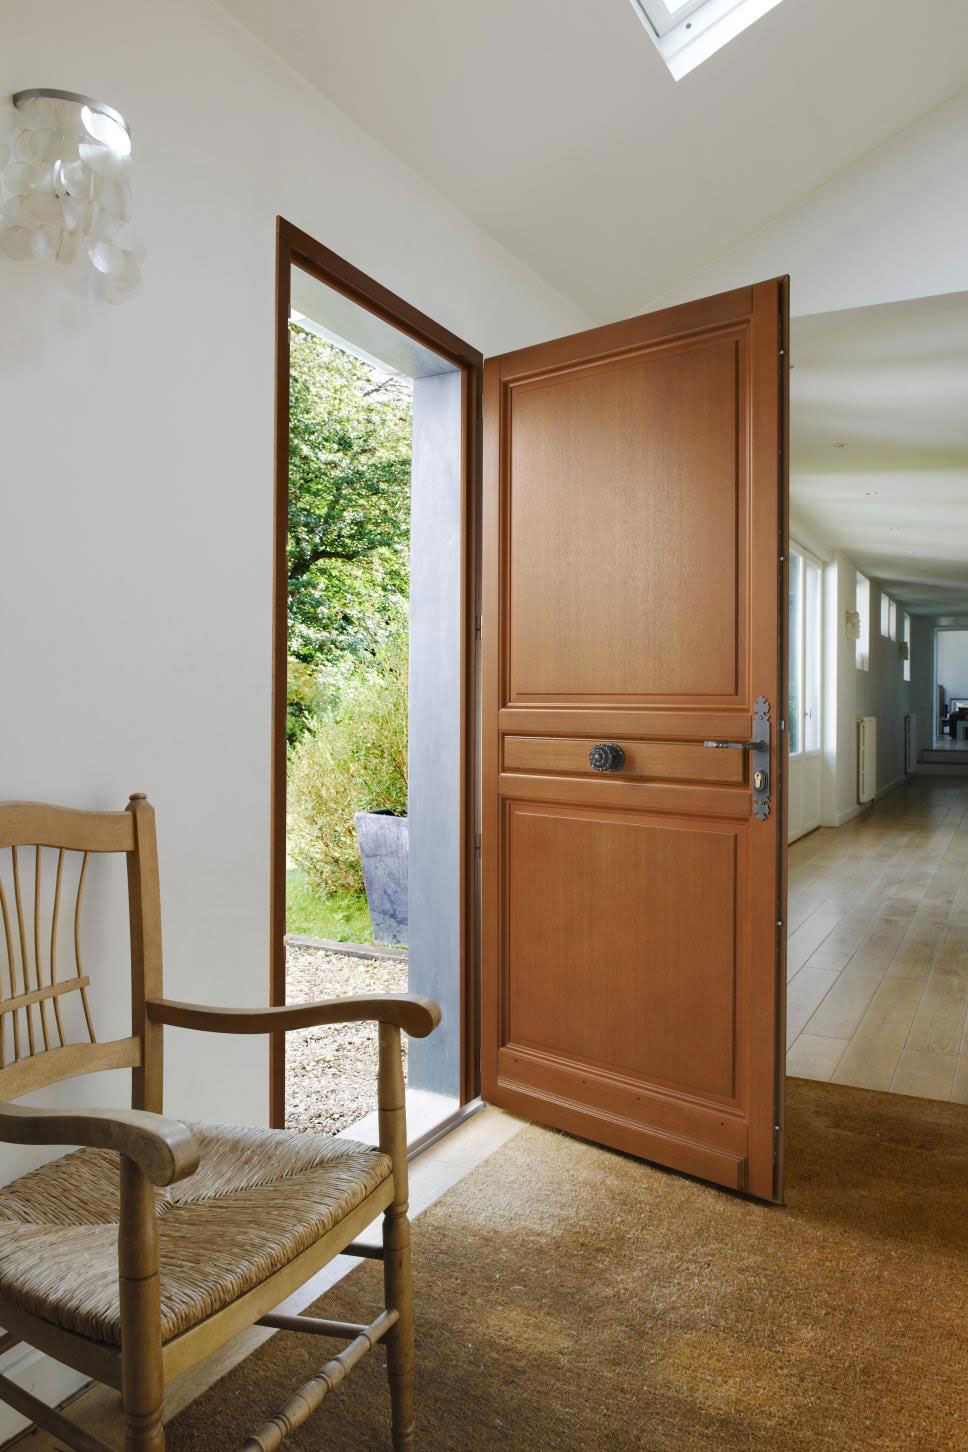 Quelle Couleur Choisir Pour Peindre Des Portes les portes d'entrée en bois